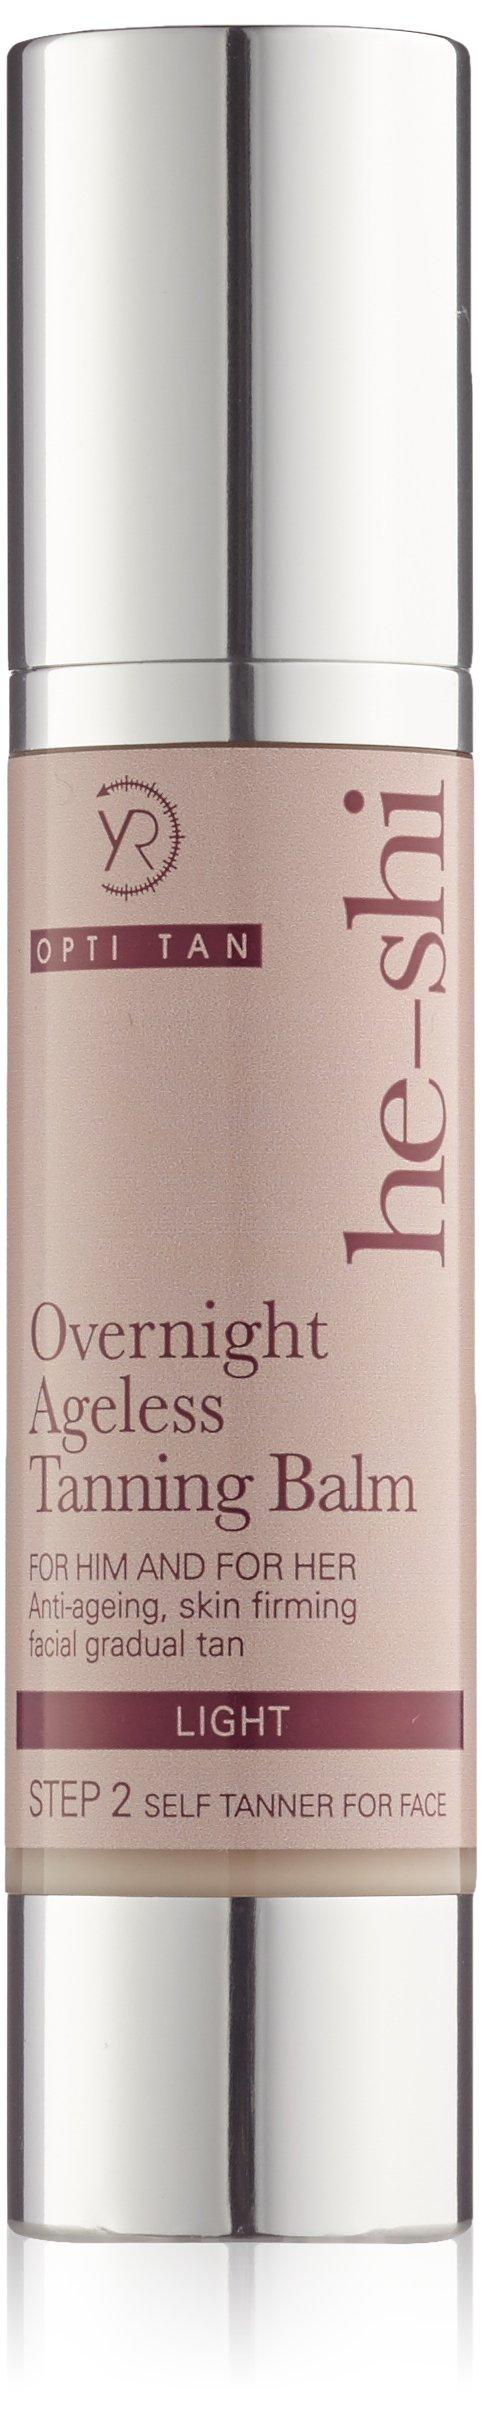 he-shi Overnight Ageless Tanning Balm 50 ml by he-shi